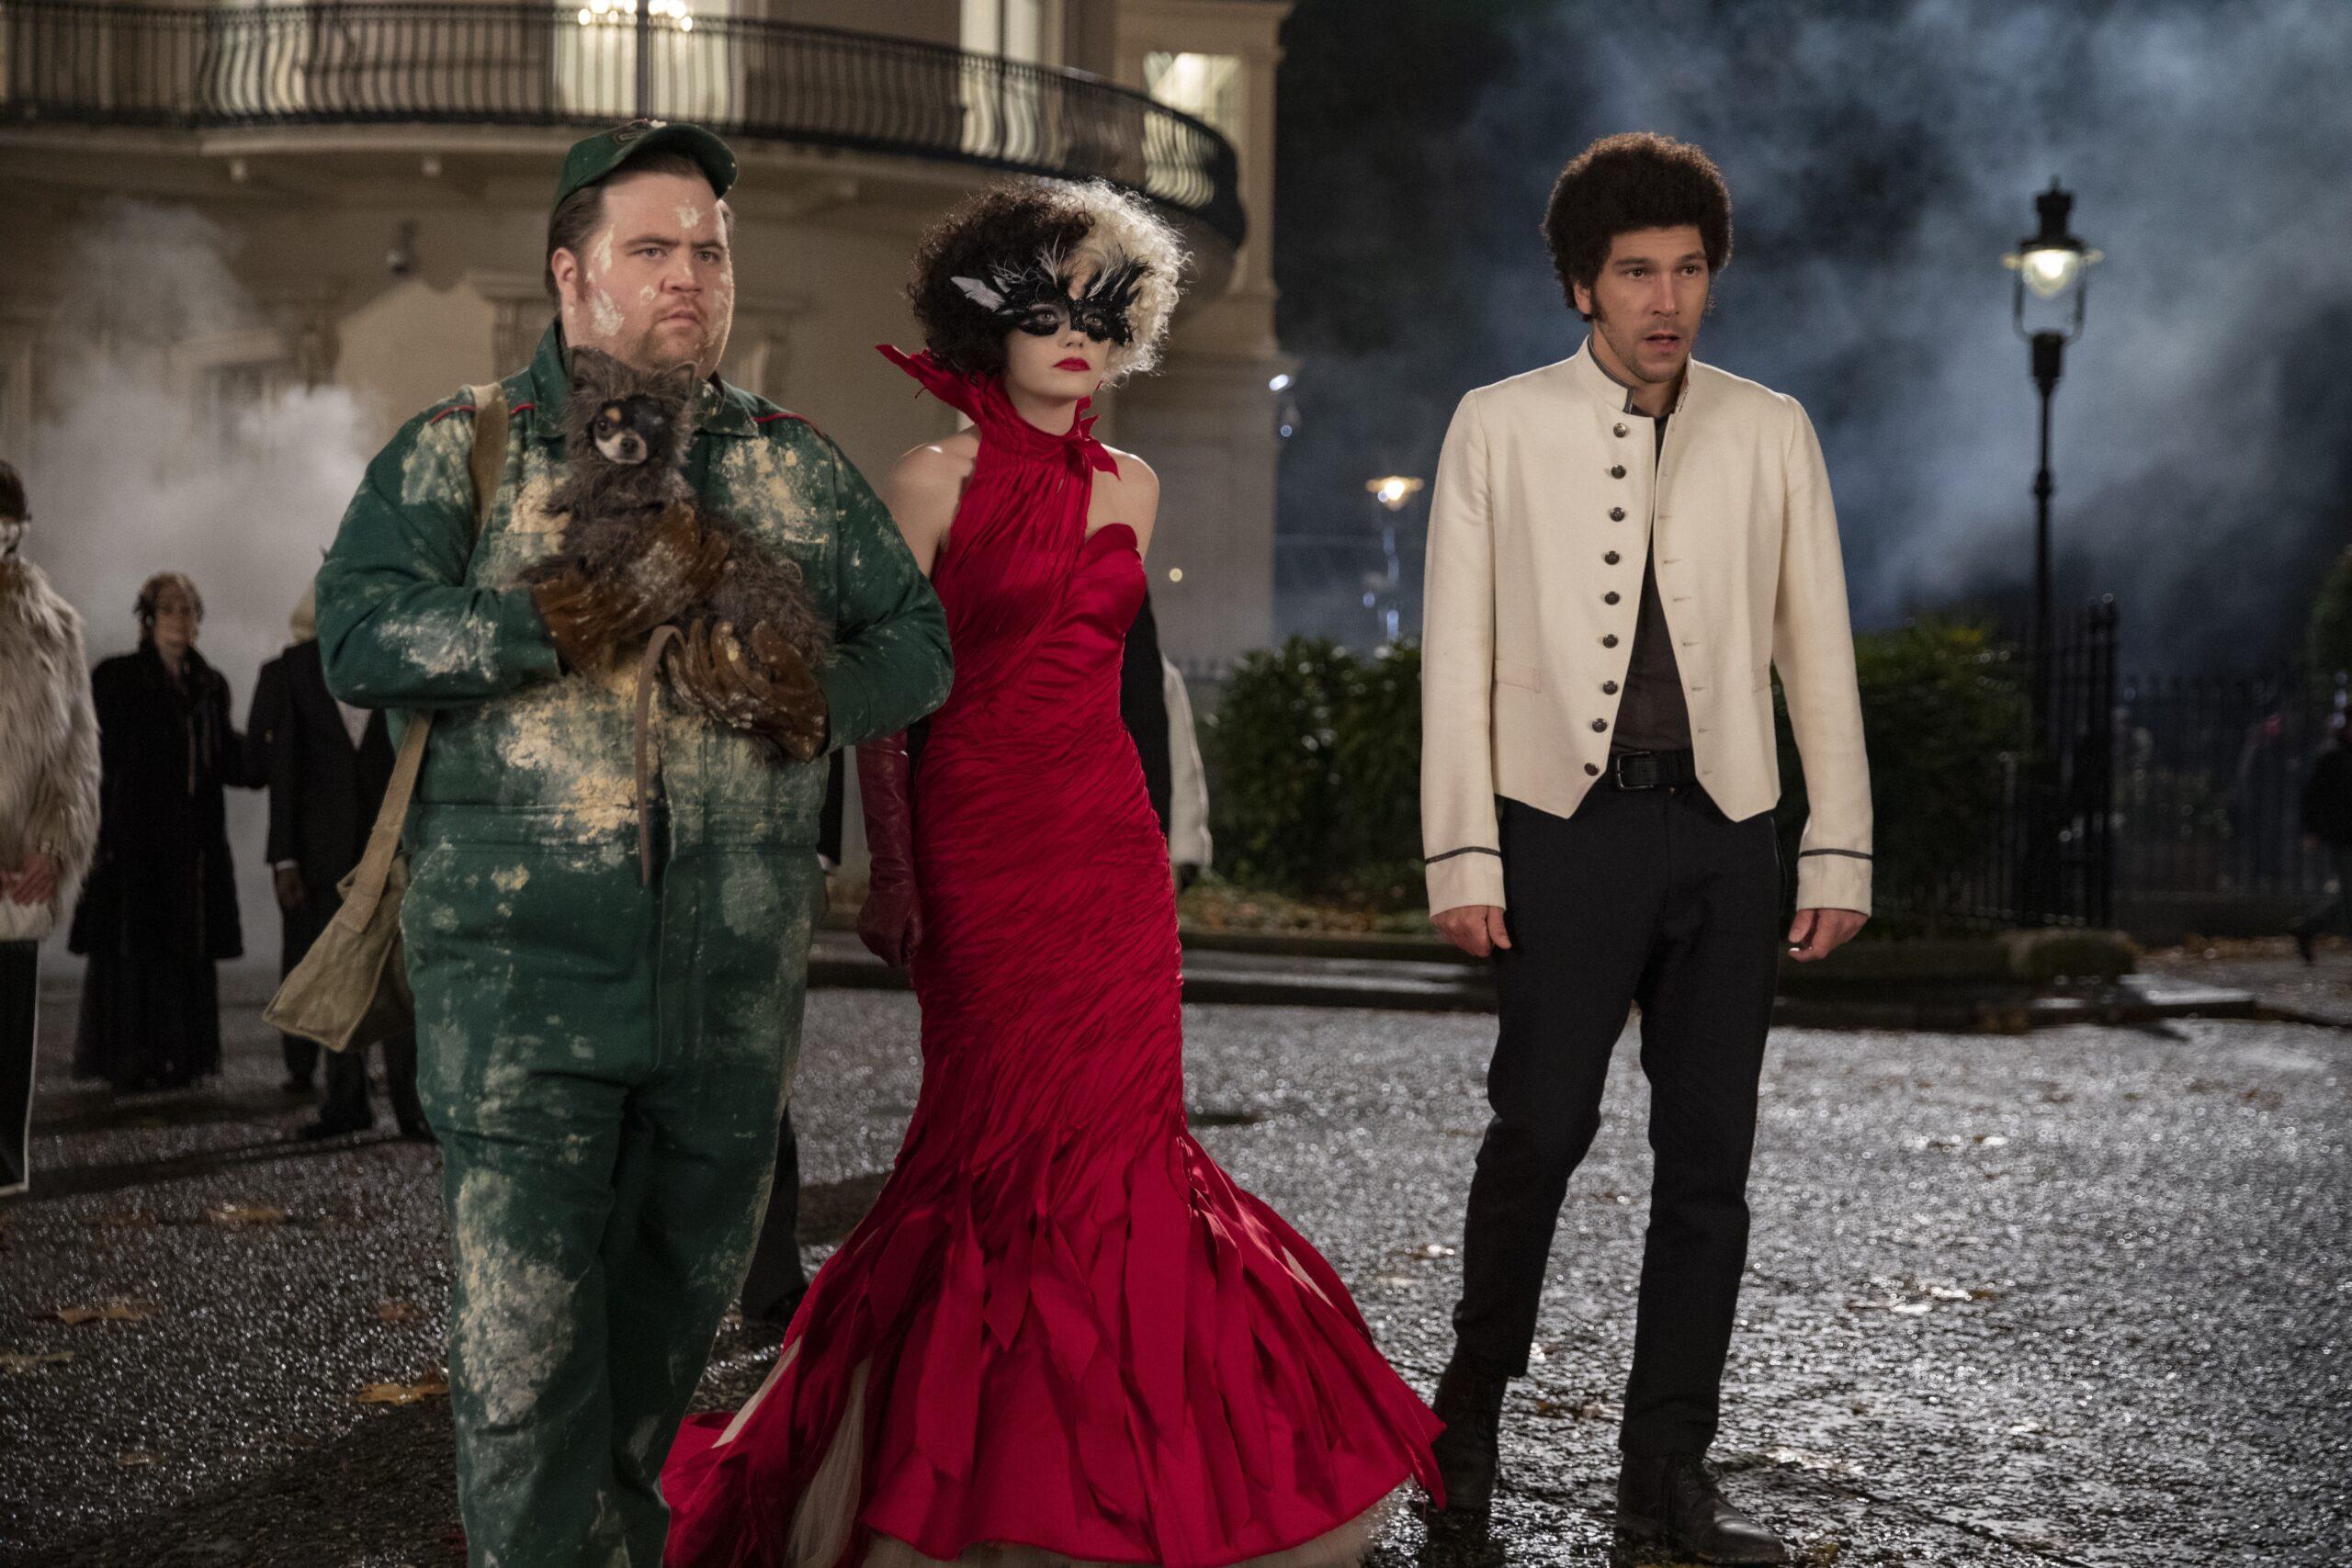 Cruella, Horace, and Jasper